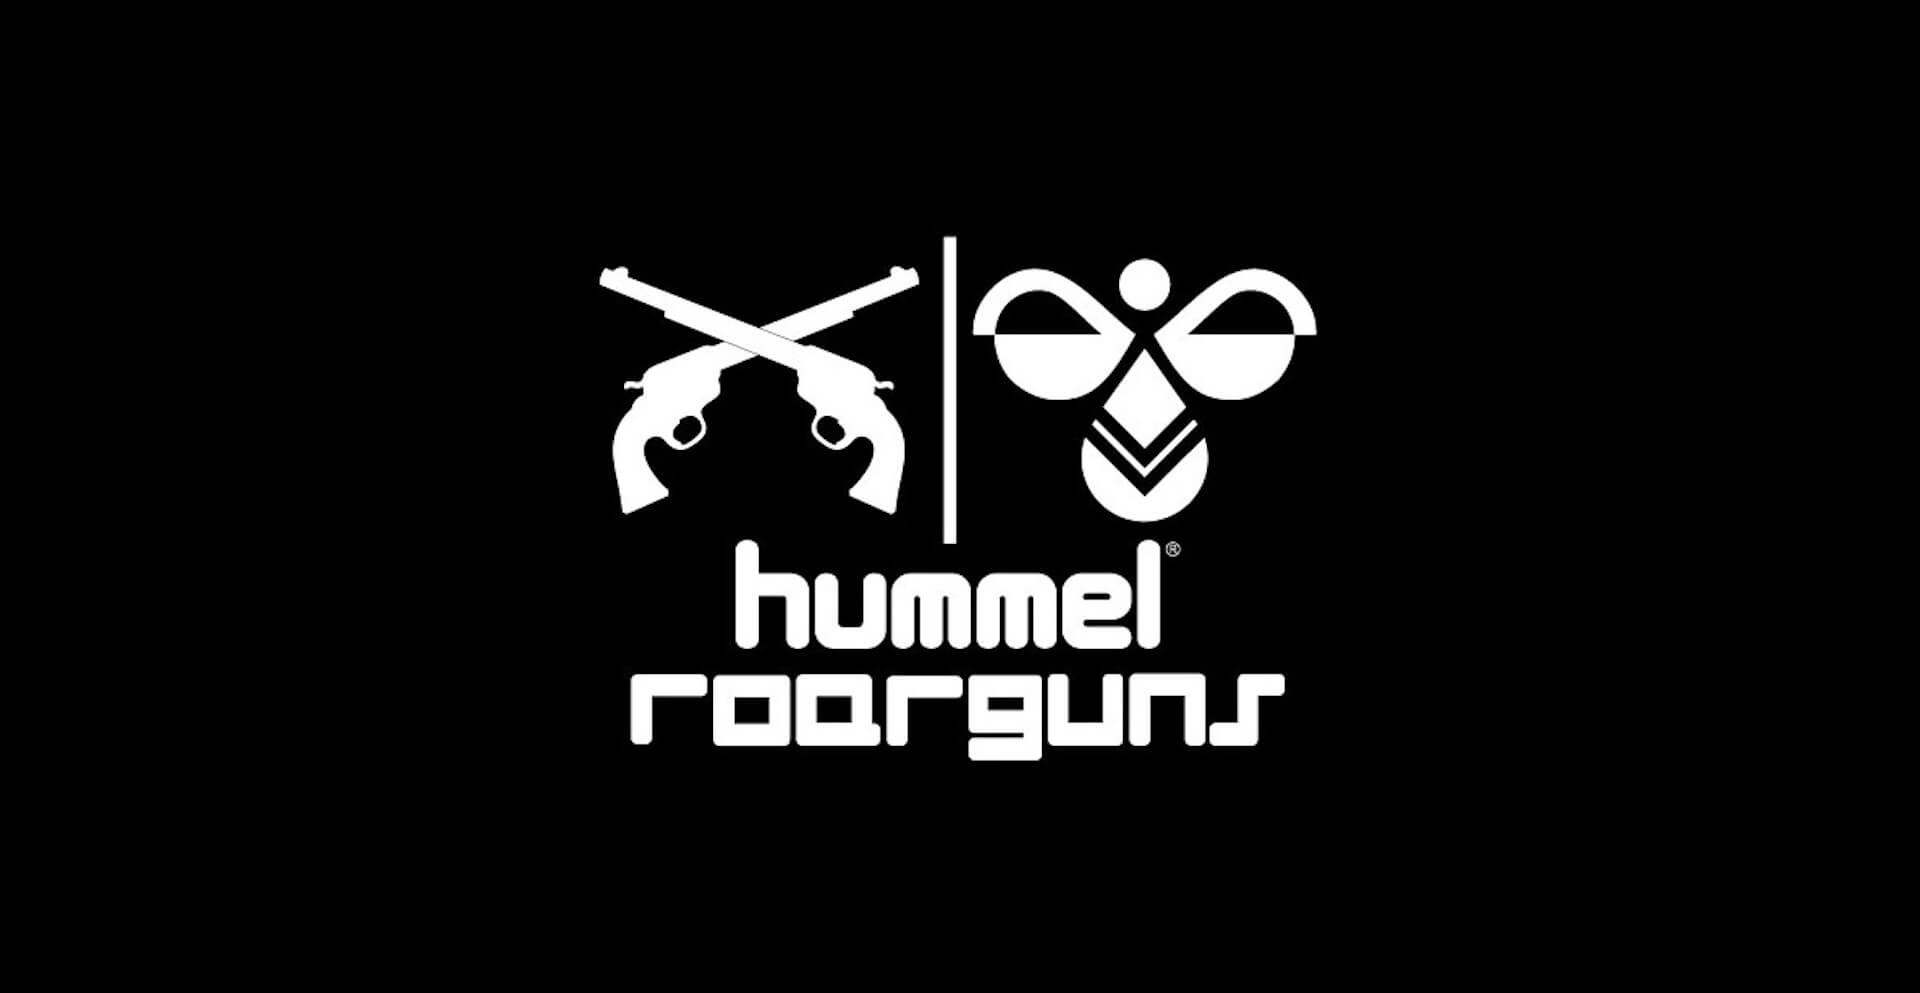 hummel x roarguns 初のコラボコレクション発表|モード・ストリートとスポーツが融合されたアイテムの数々が9月中旬より発売開始 life190917_hummel_roarguns_9